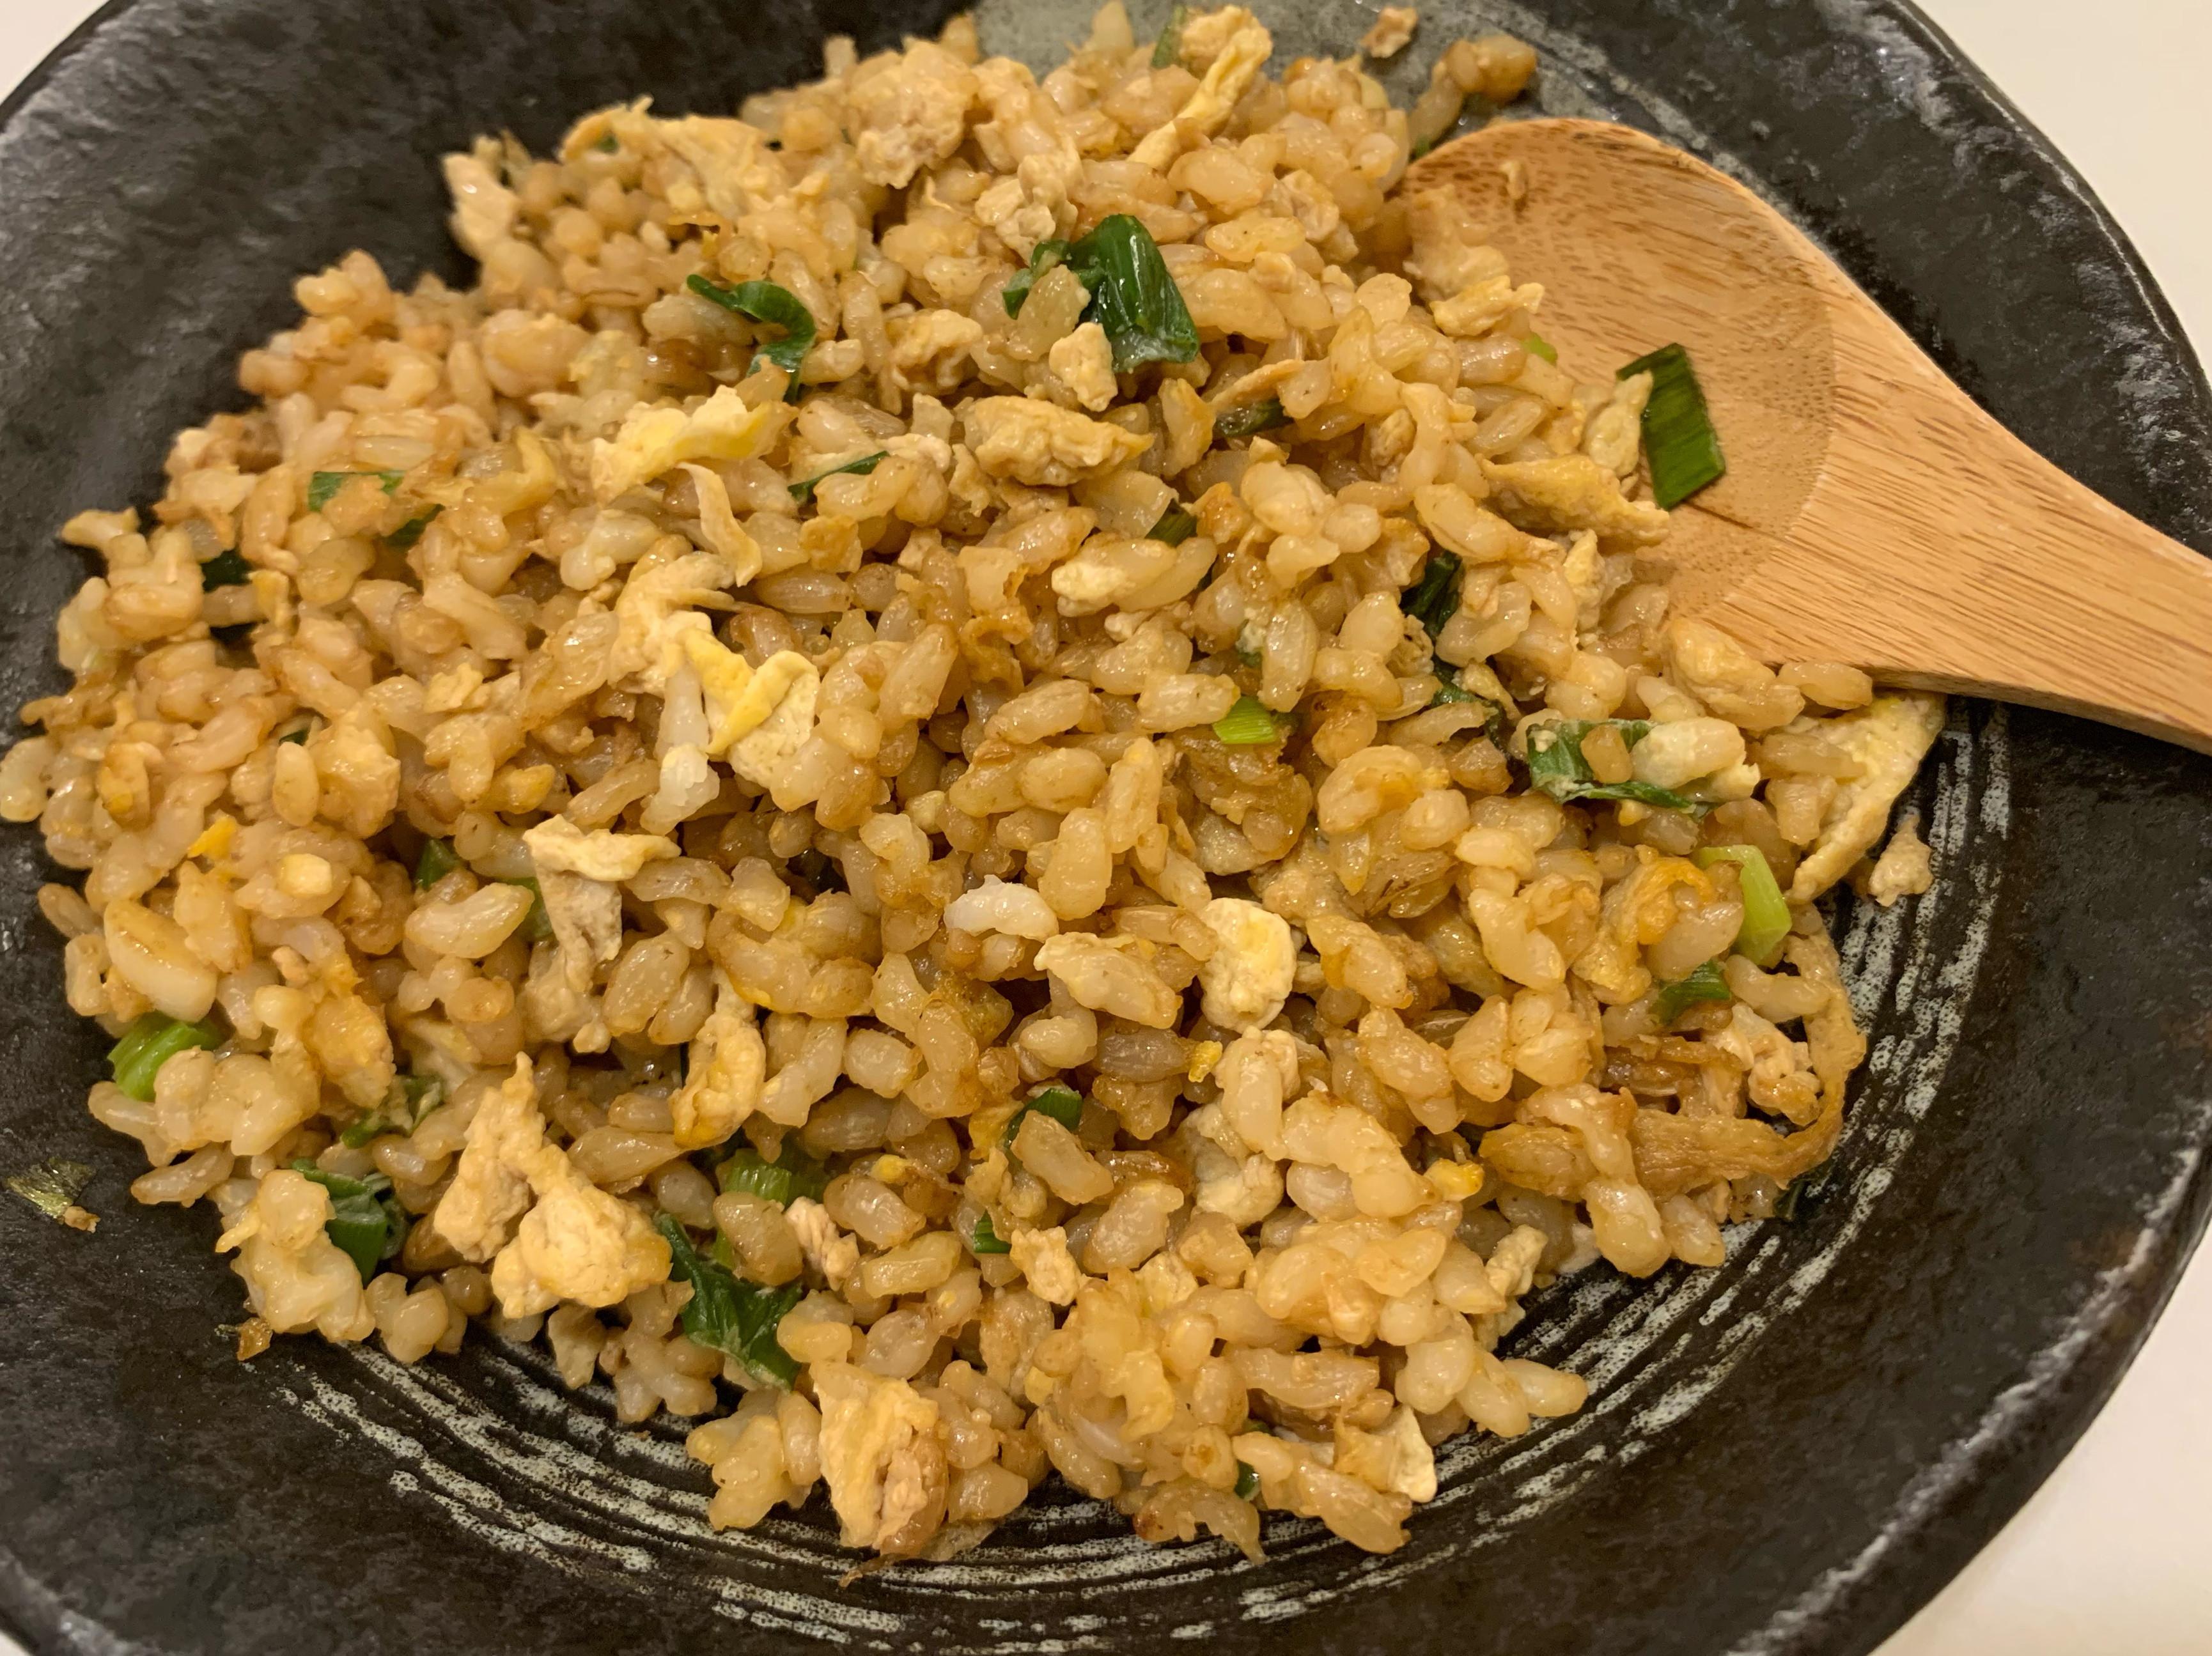 粒粒分明-糙米蛋炒飯